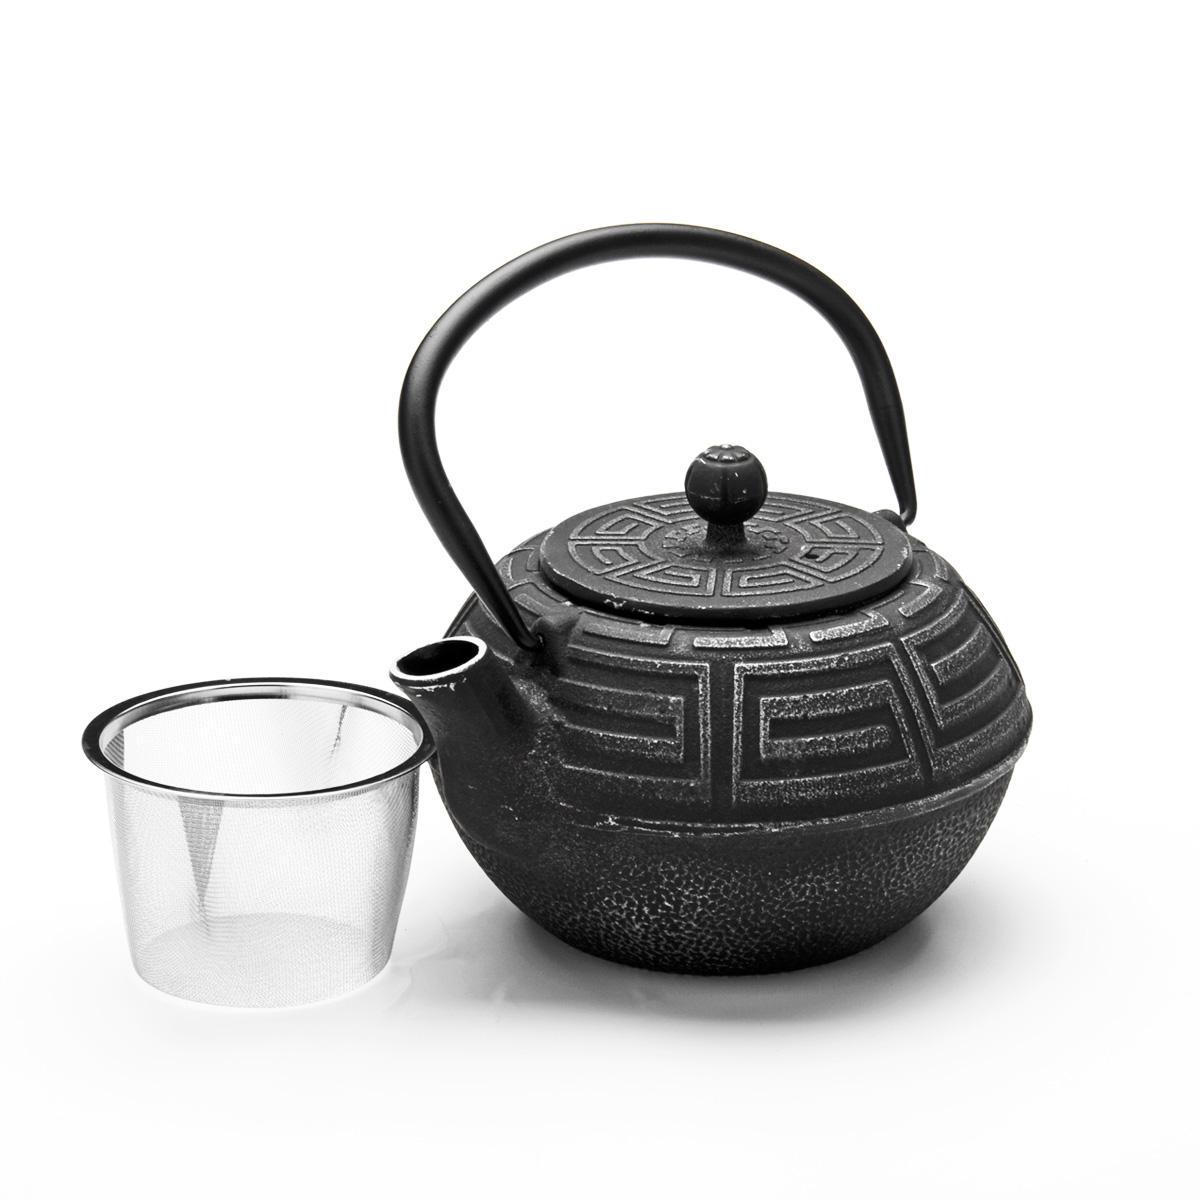 Чайник заварочный Mayer & Boch, чугунный, 1,5 л23697Чайник заварочный Mayer & Boch изготовлен из чугуна, внешние стенки оформлены изысканным рельефом. Чугун равномерно распределяет и сохраняет тепло, чугунный чайник может сохранить температуру чая до часа. Кремнийорганический термостойкий лак предотвращает появление ржавчины. Чайник оснащен прочной подвижной ручкой и съемным ситечком из нержавеющей стали. Чайник прекрасно подходит для сервировки стола. Диаметр чайника (по верхнему краю): 8,3 см. Высота стенки (без учета ручки): 9,5 см. Высота (с учетом ручки): 18 см. Высота ситечка: 6 см.